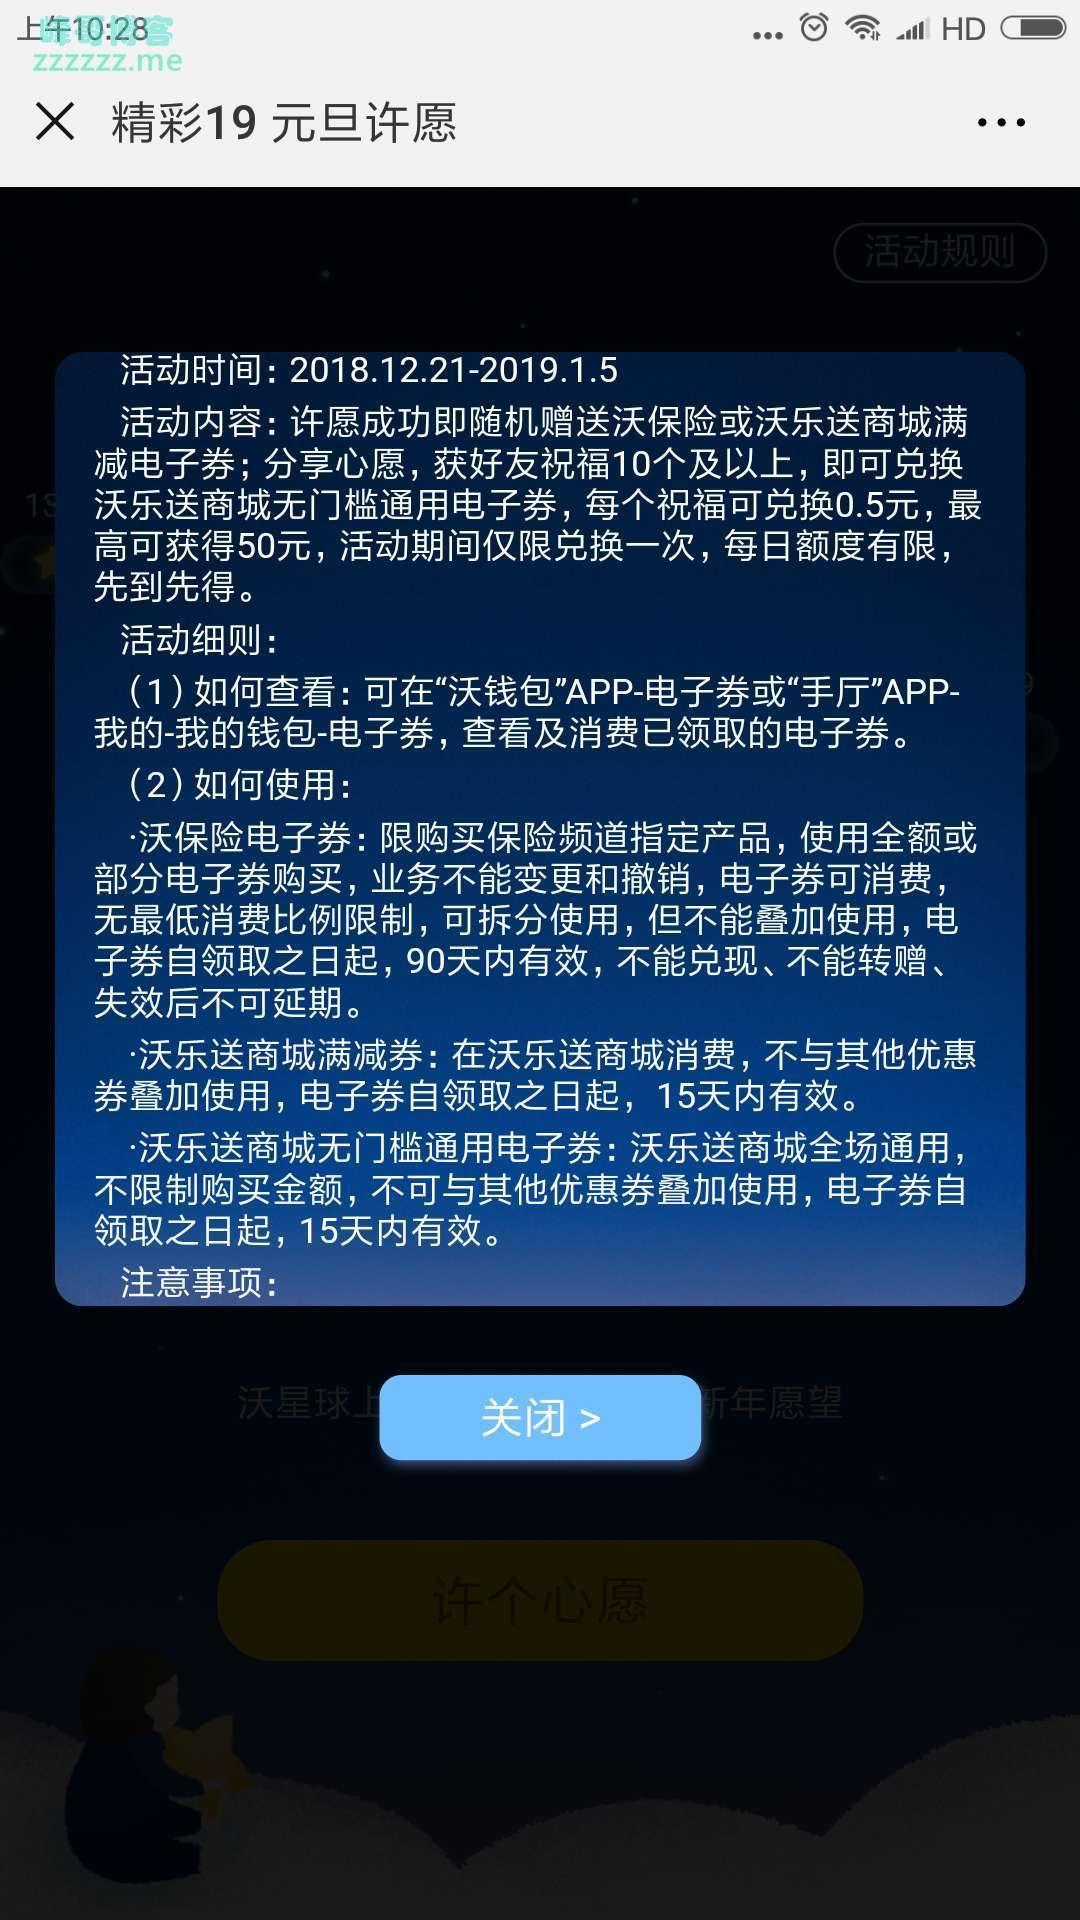 <沃钱包>许新年愿望,赢电子券大奖(截止1月5日)